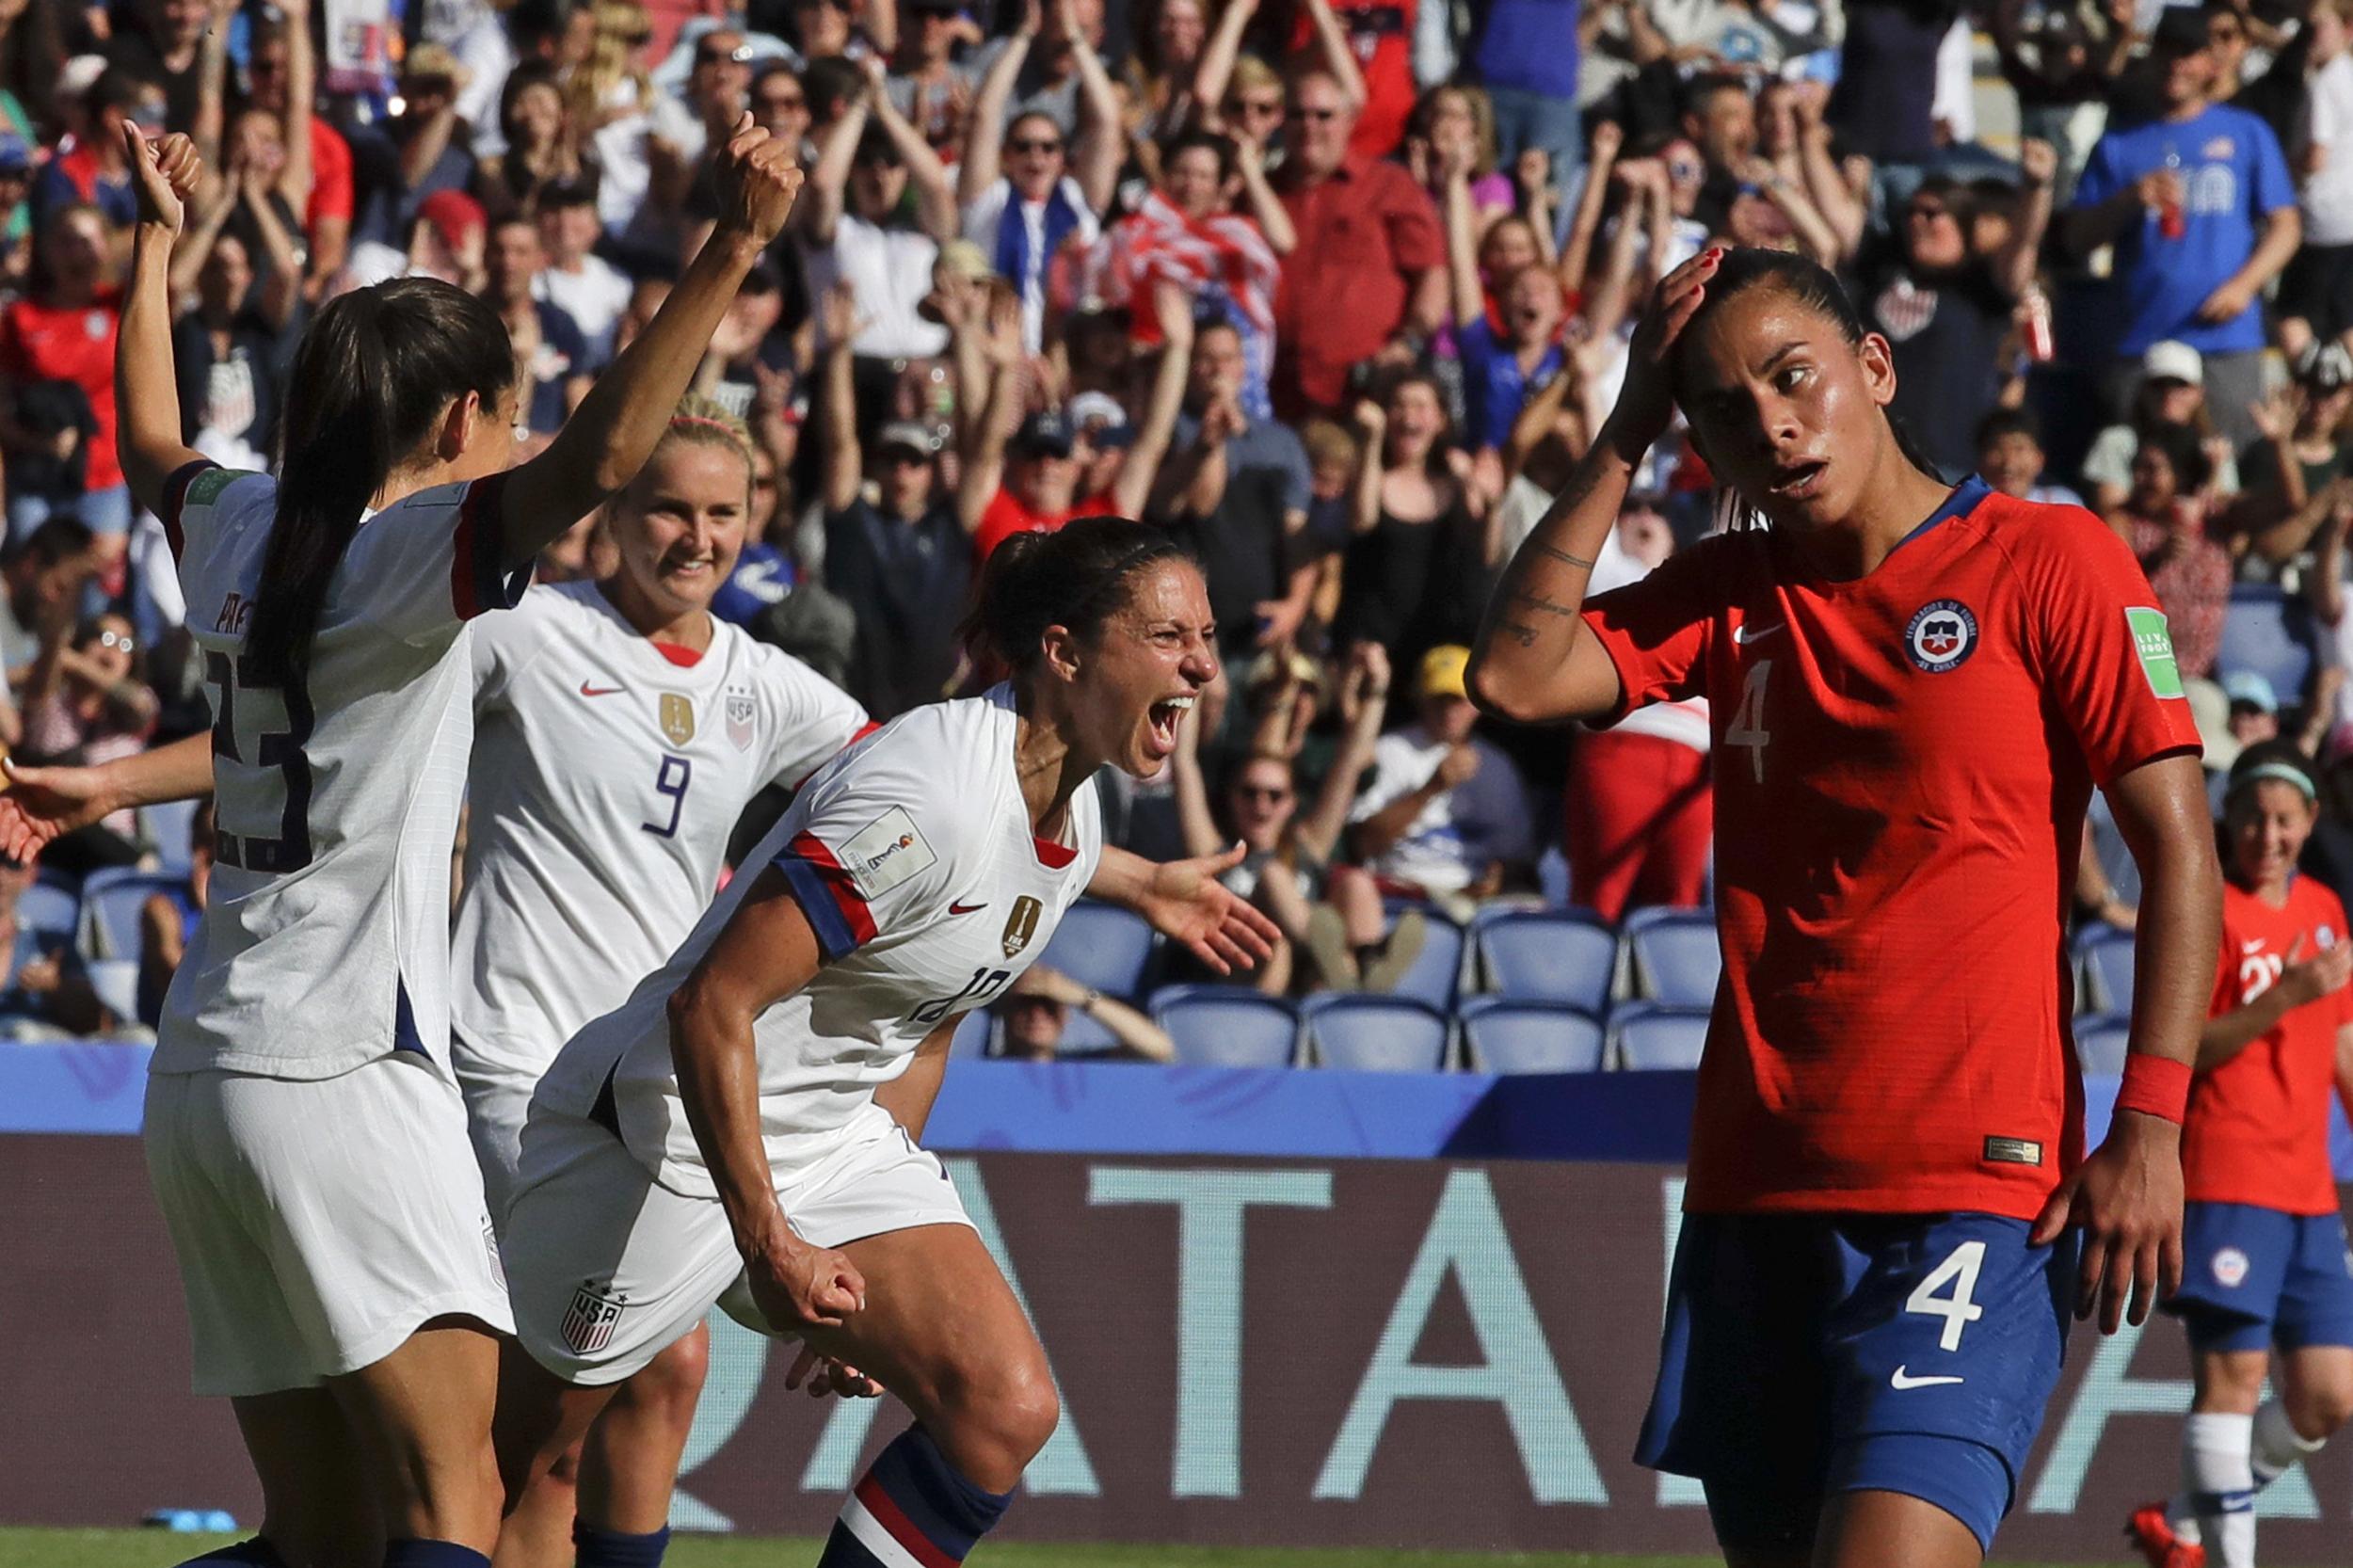 U.S. Women's National Team Off to a Hot Start